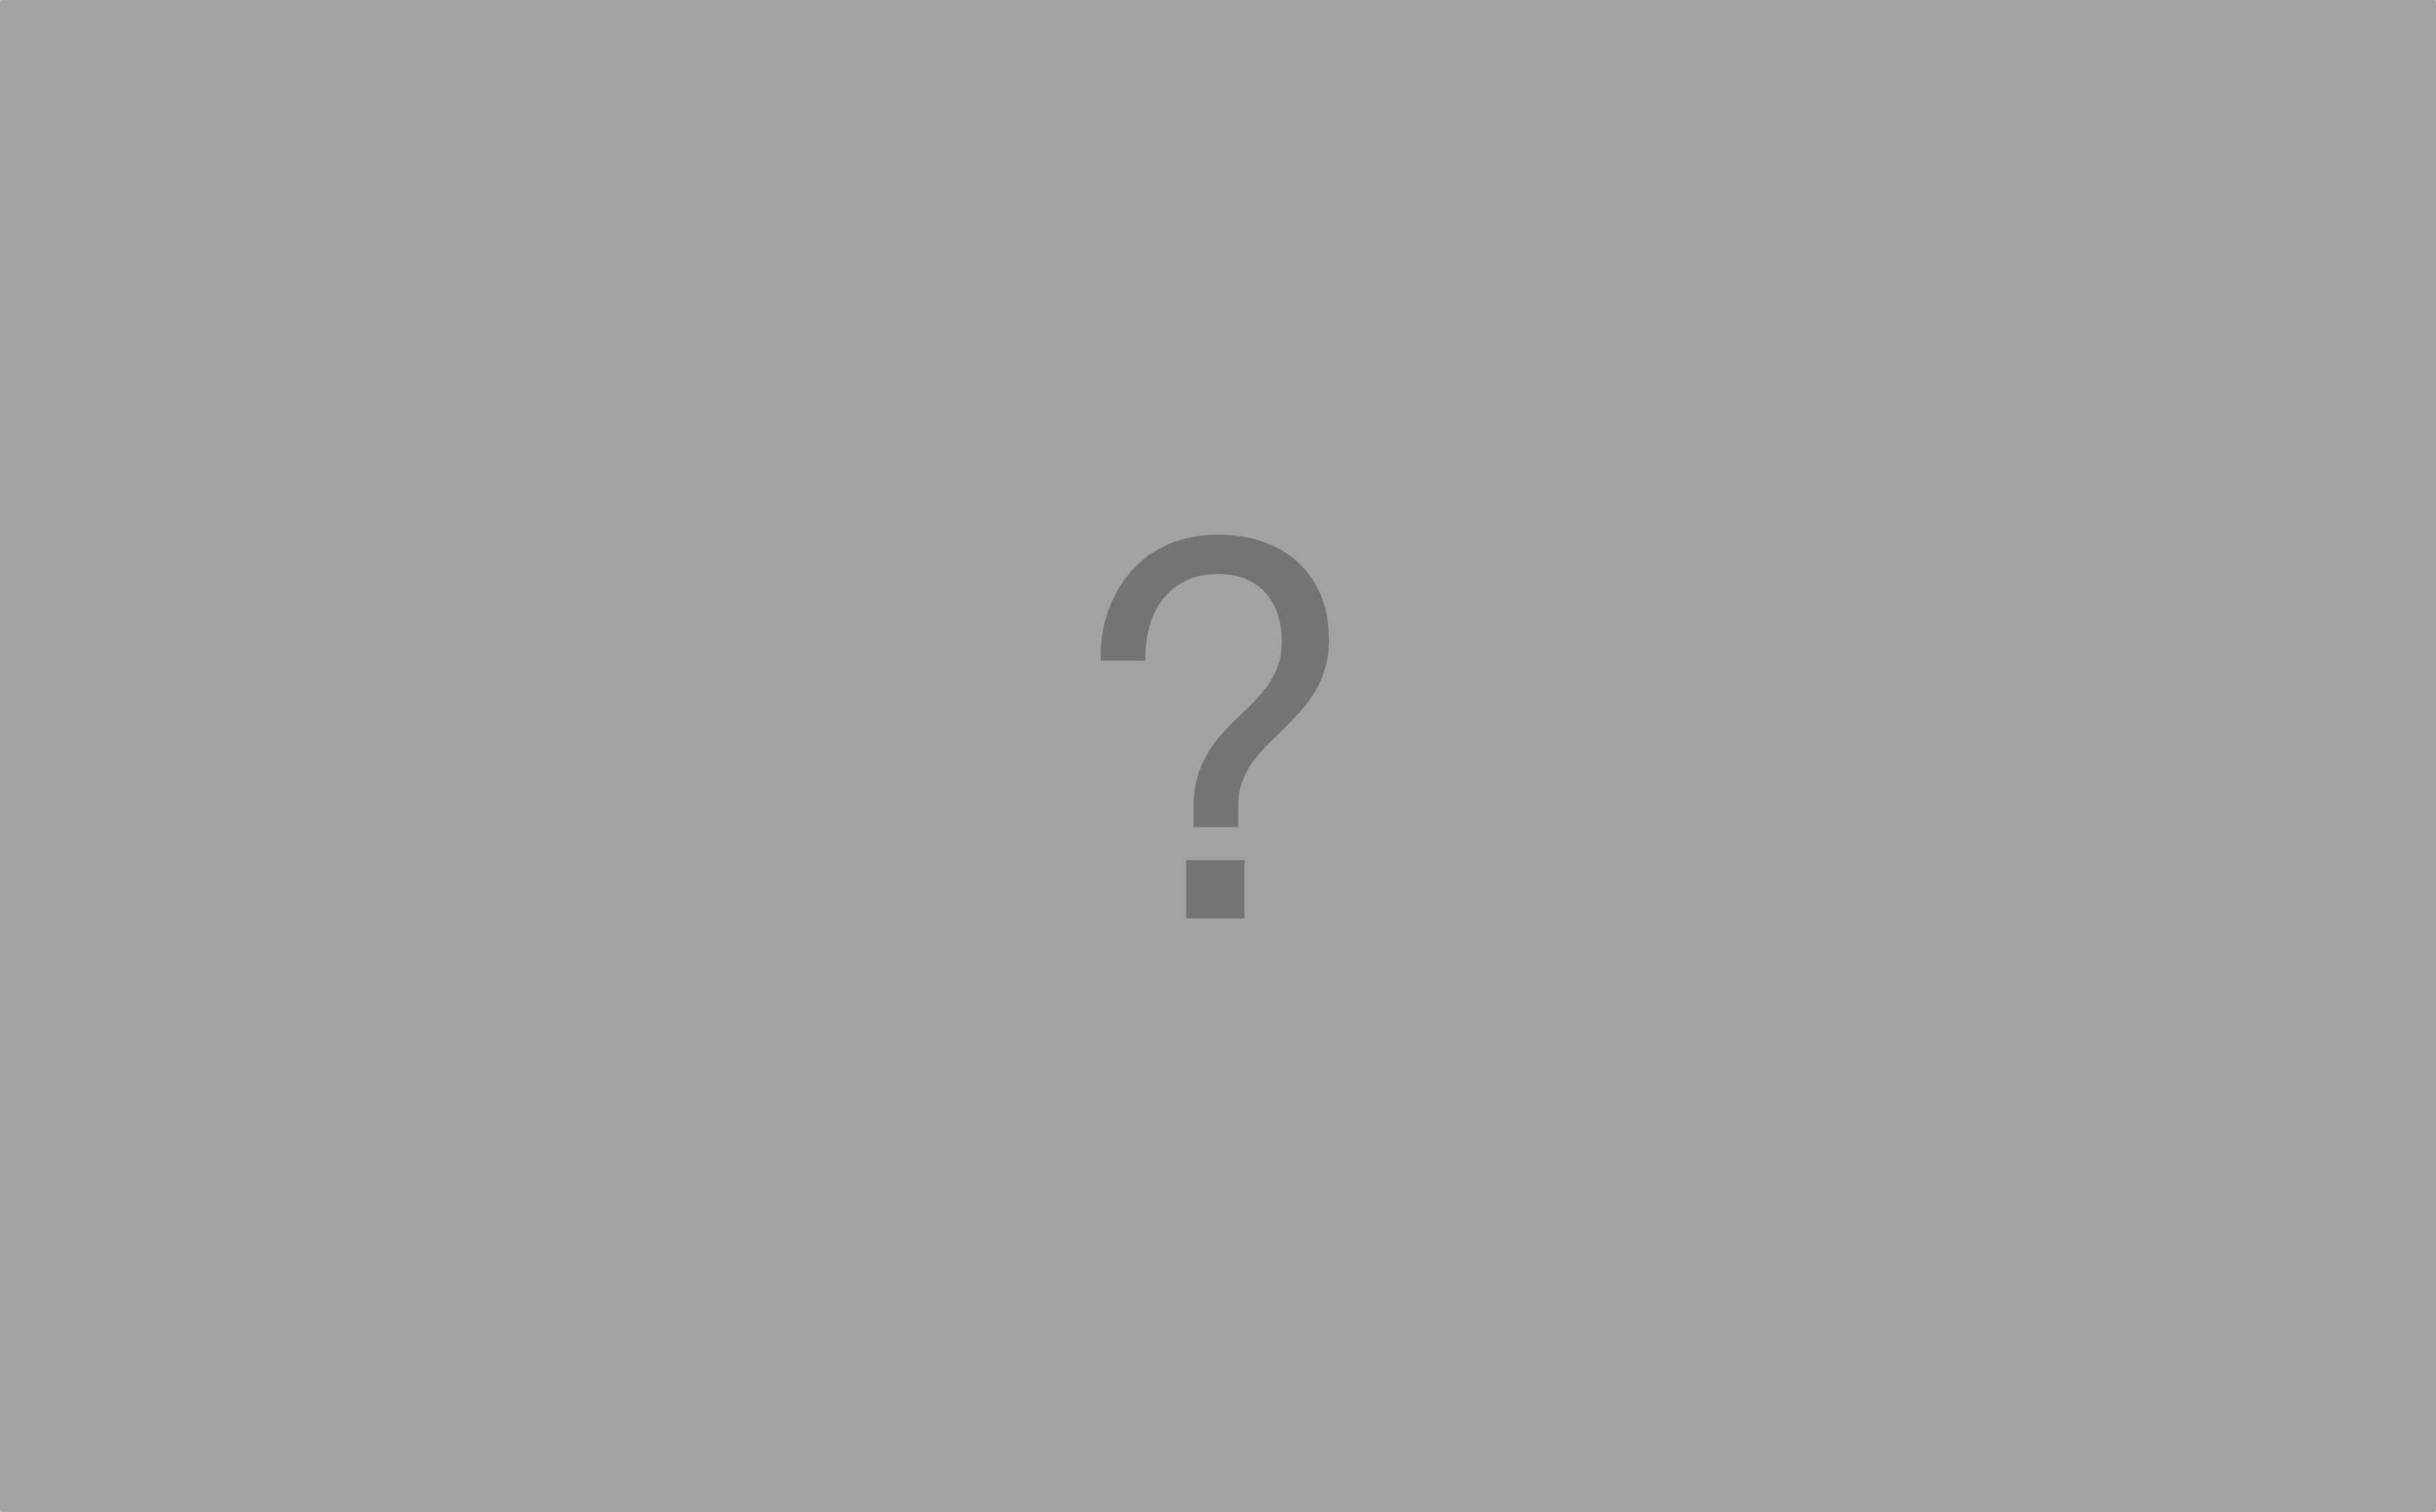 iPhone 8: So viele Kunden wollen wechseln